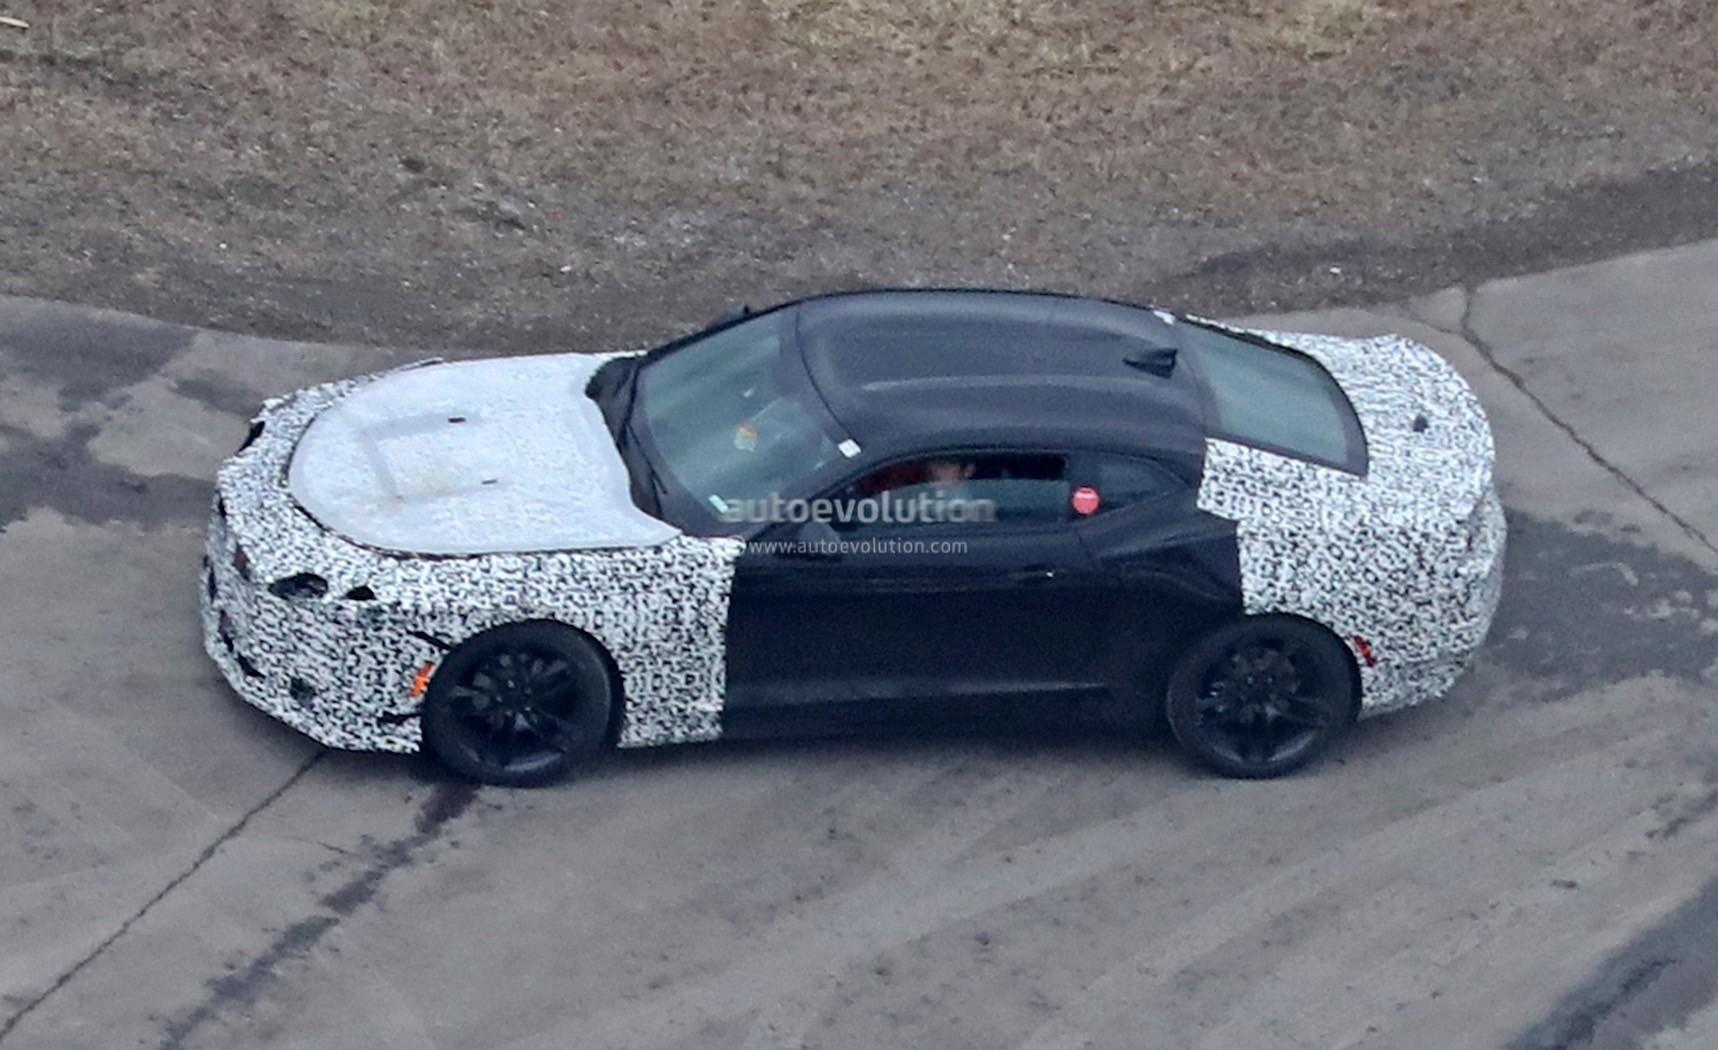 Possible 2019 Chevrolet Camaro Z 28 Prototype Caught On